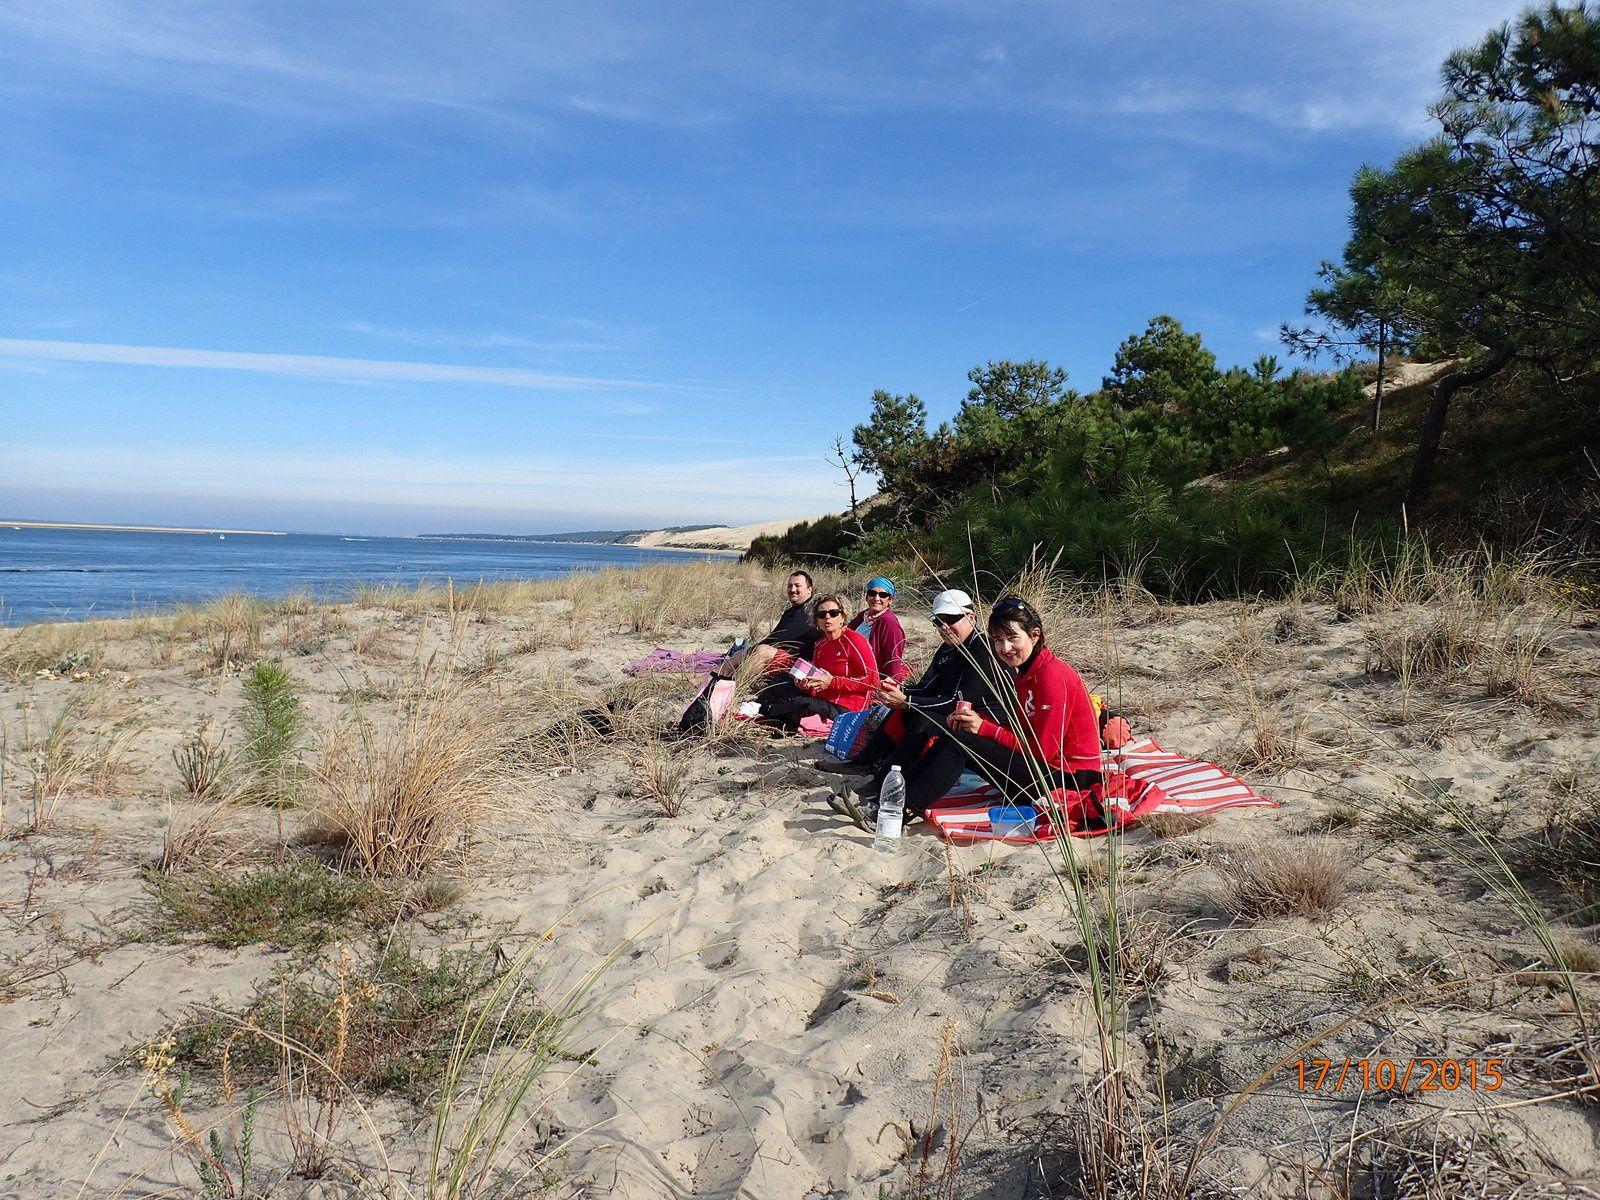 La dune, finalement c'est pas mal